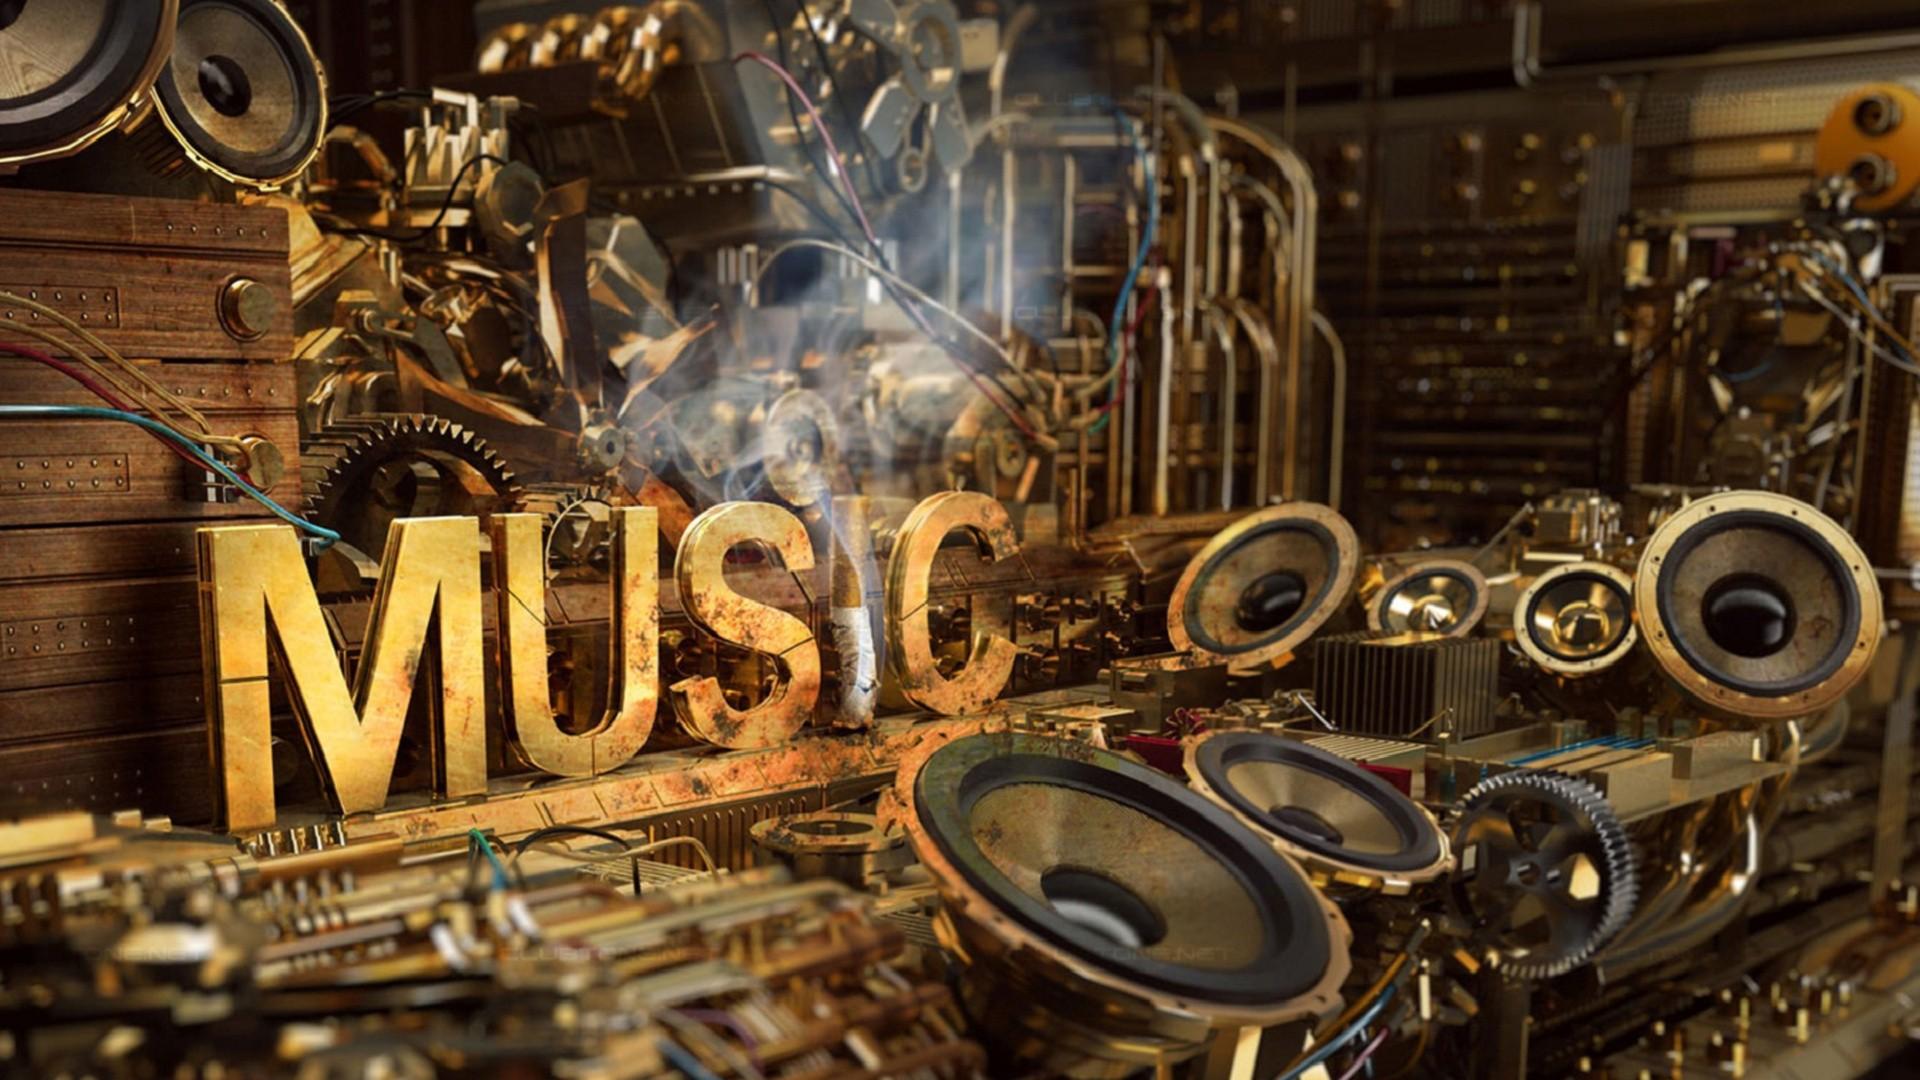 page d'accueil musique fonds d'écran hd musique, steampunk